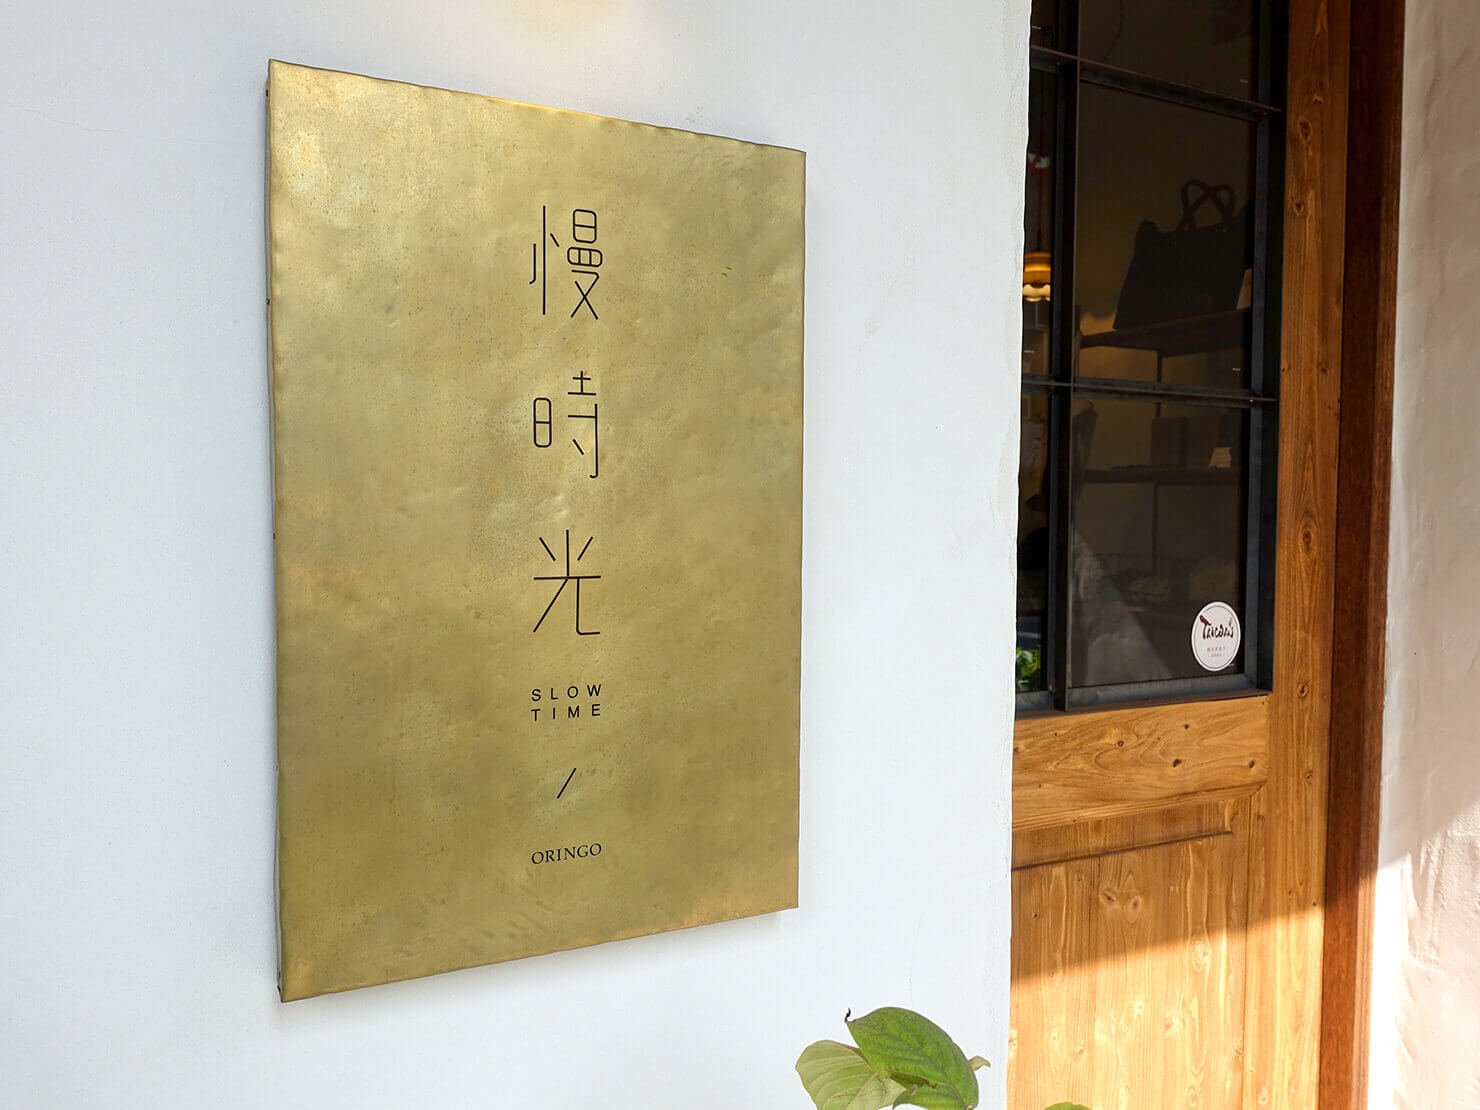 台湾のおすすめ革靴ブランド「林果良品 ORINGO」台北東門店の店頭に掲げられた漫時光のプレート